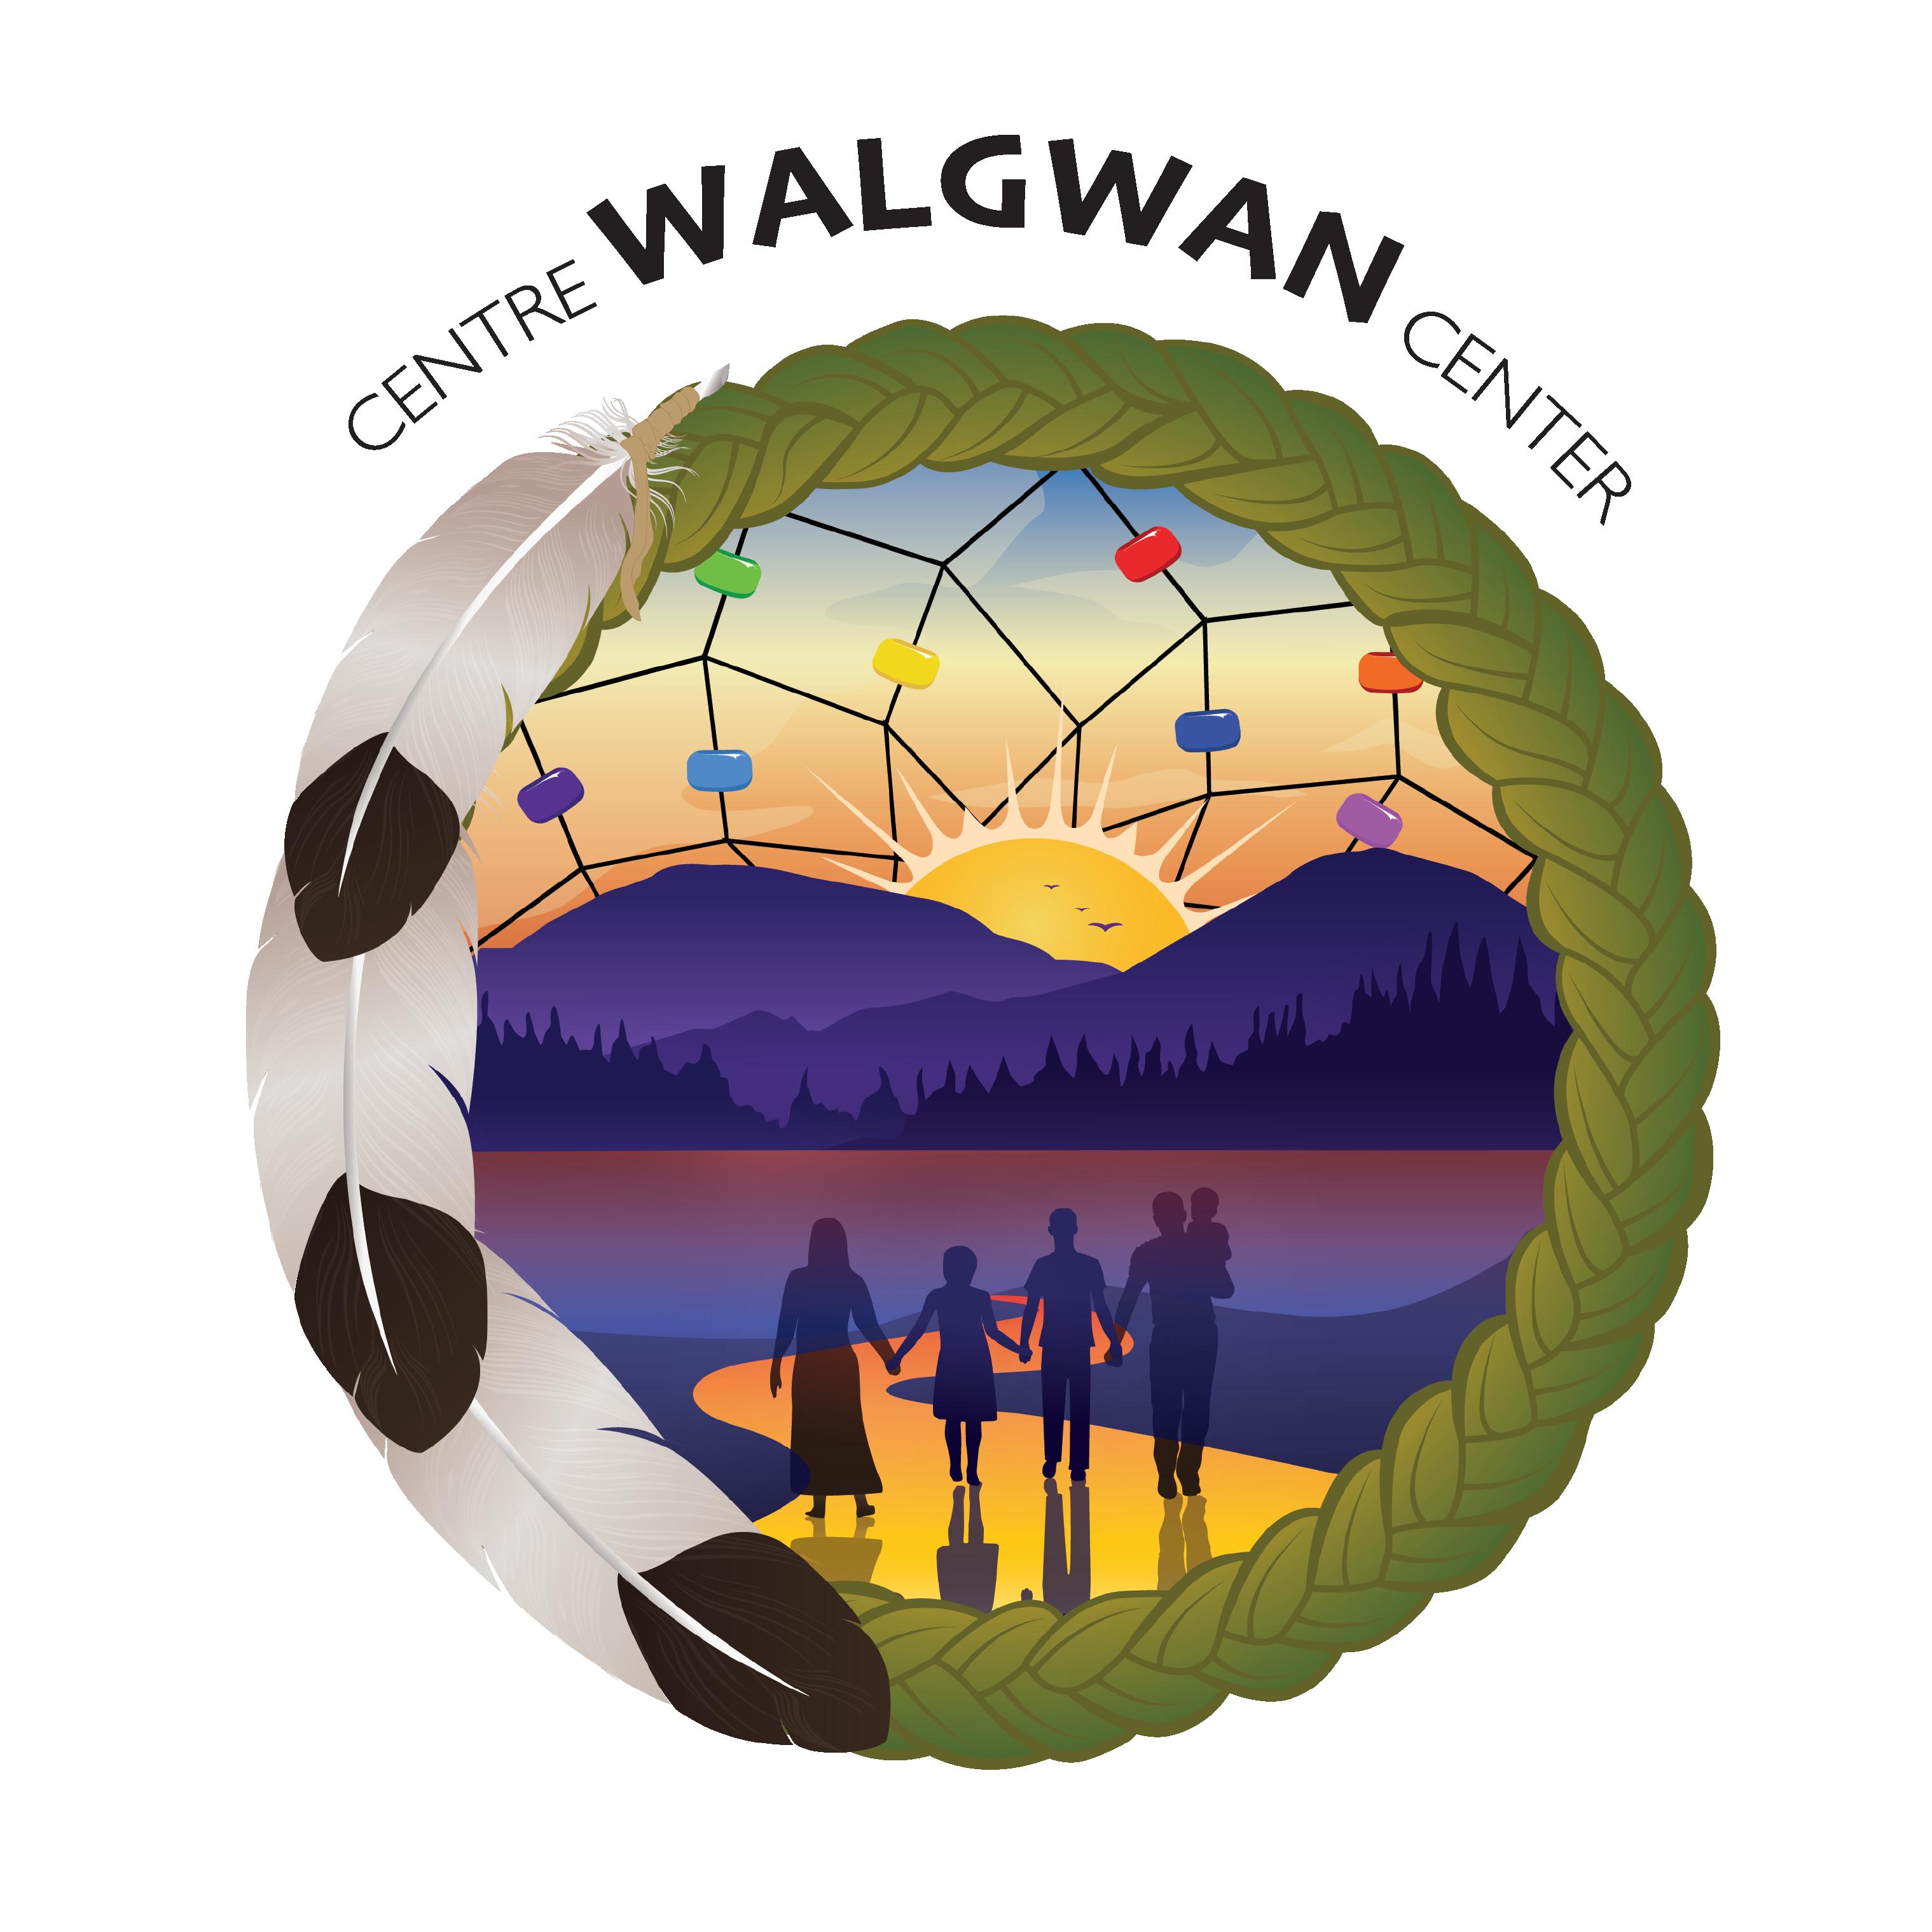 Centre Walgwan